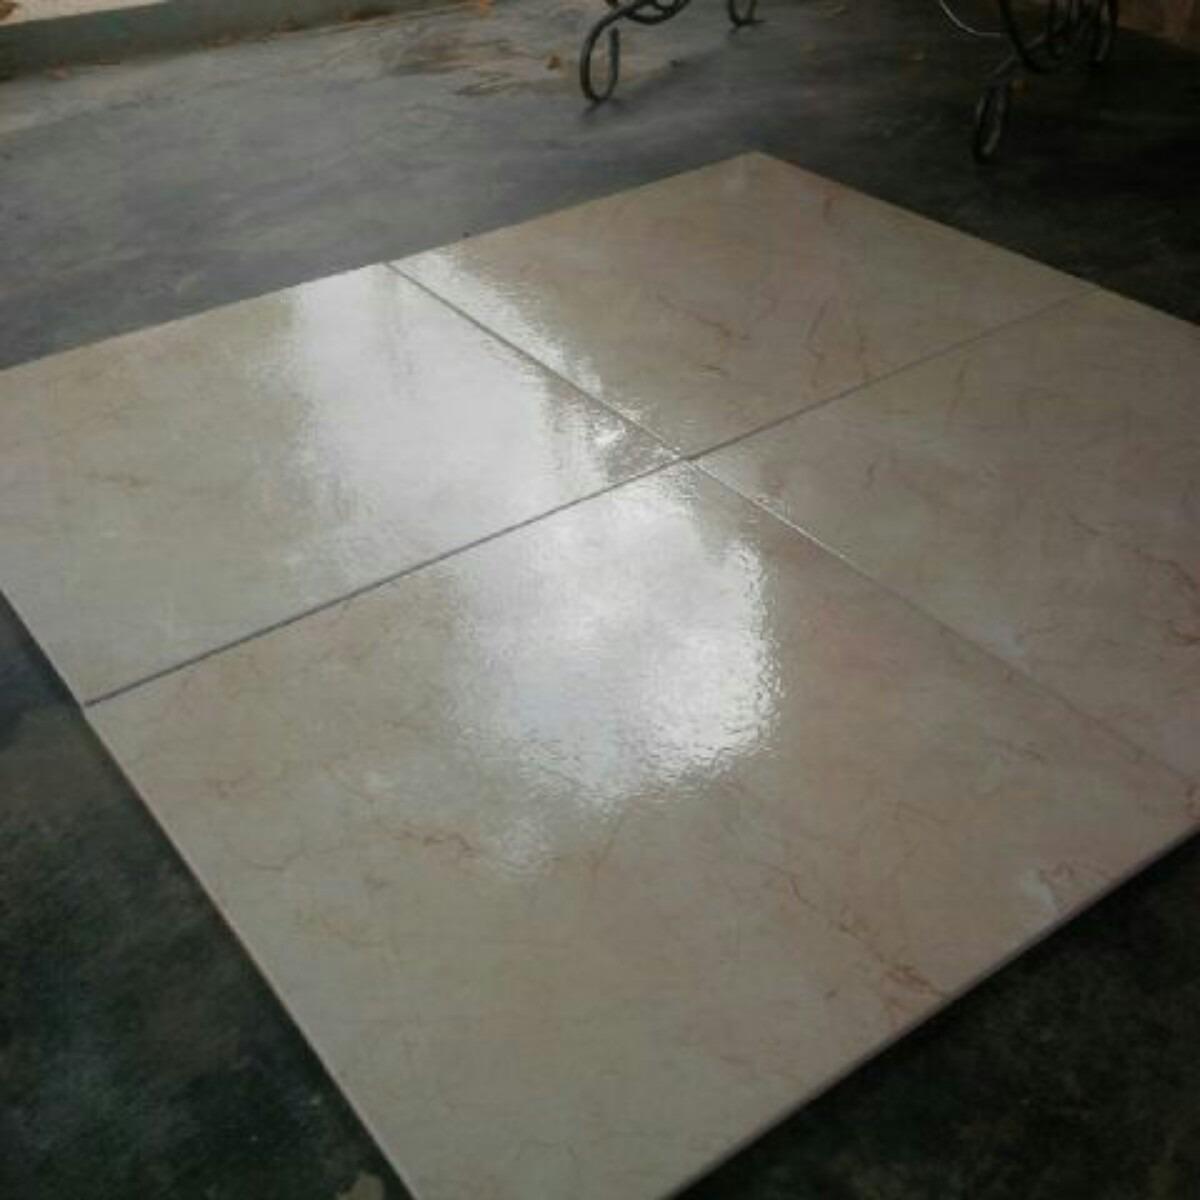 se vende ceramica para piso de primera 45x45 bs 0 46 en